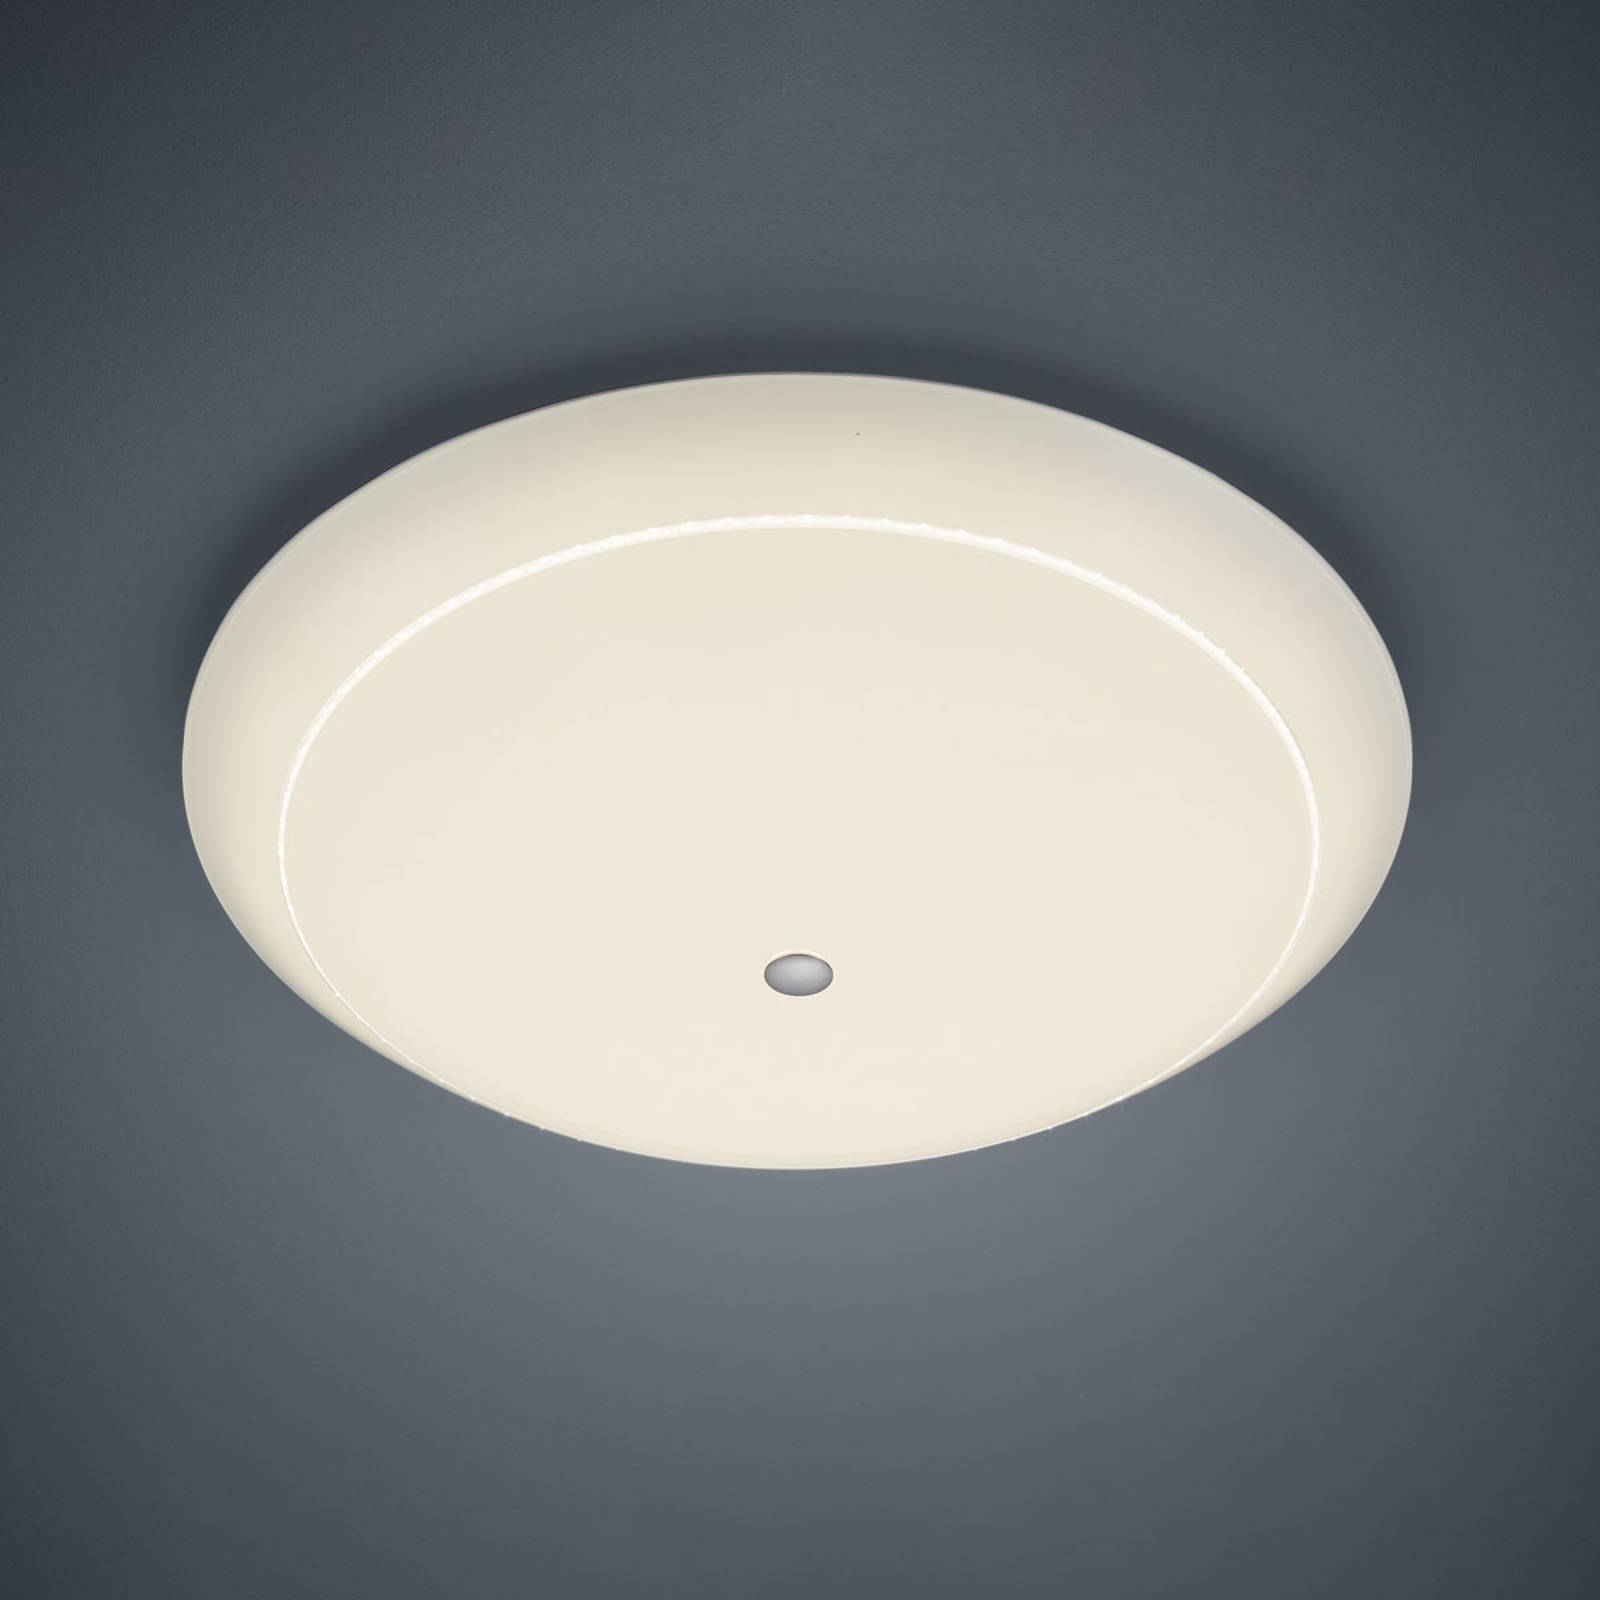 BANKAMP Yanis LED plafondlamp glas, Ø 56 cm